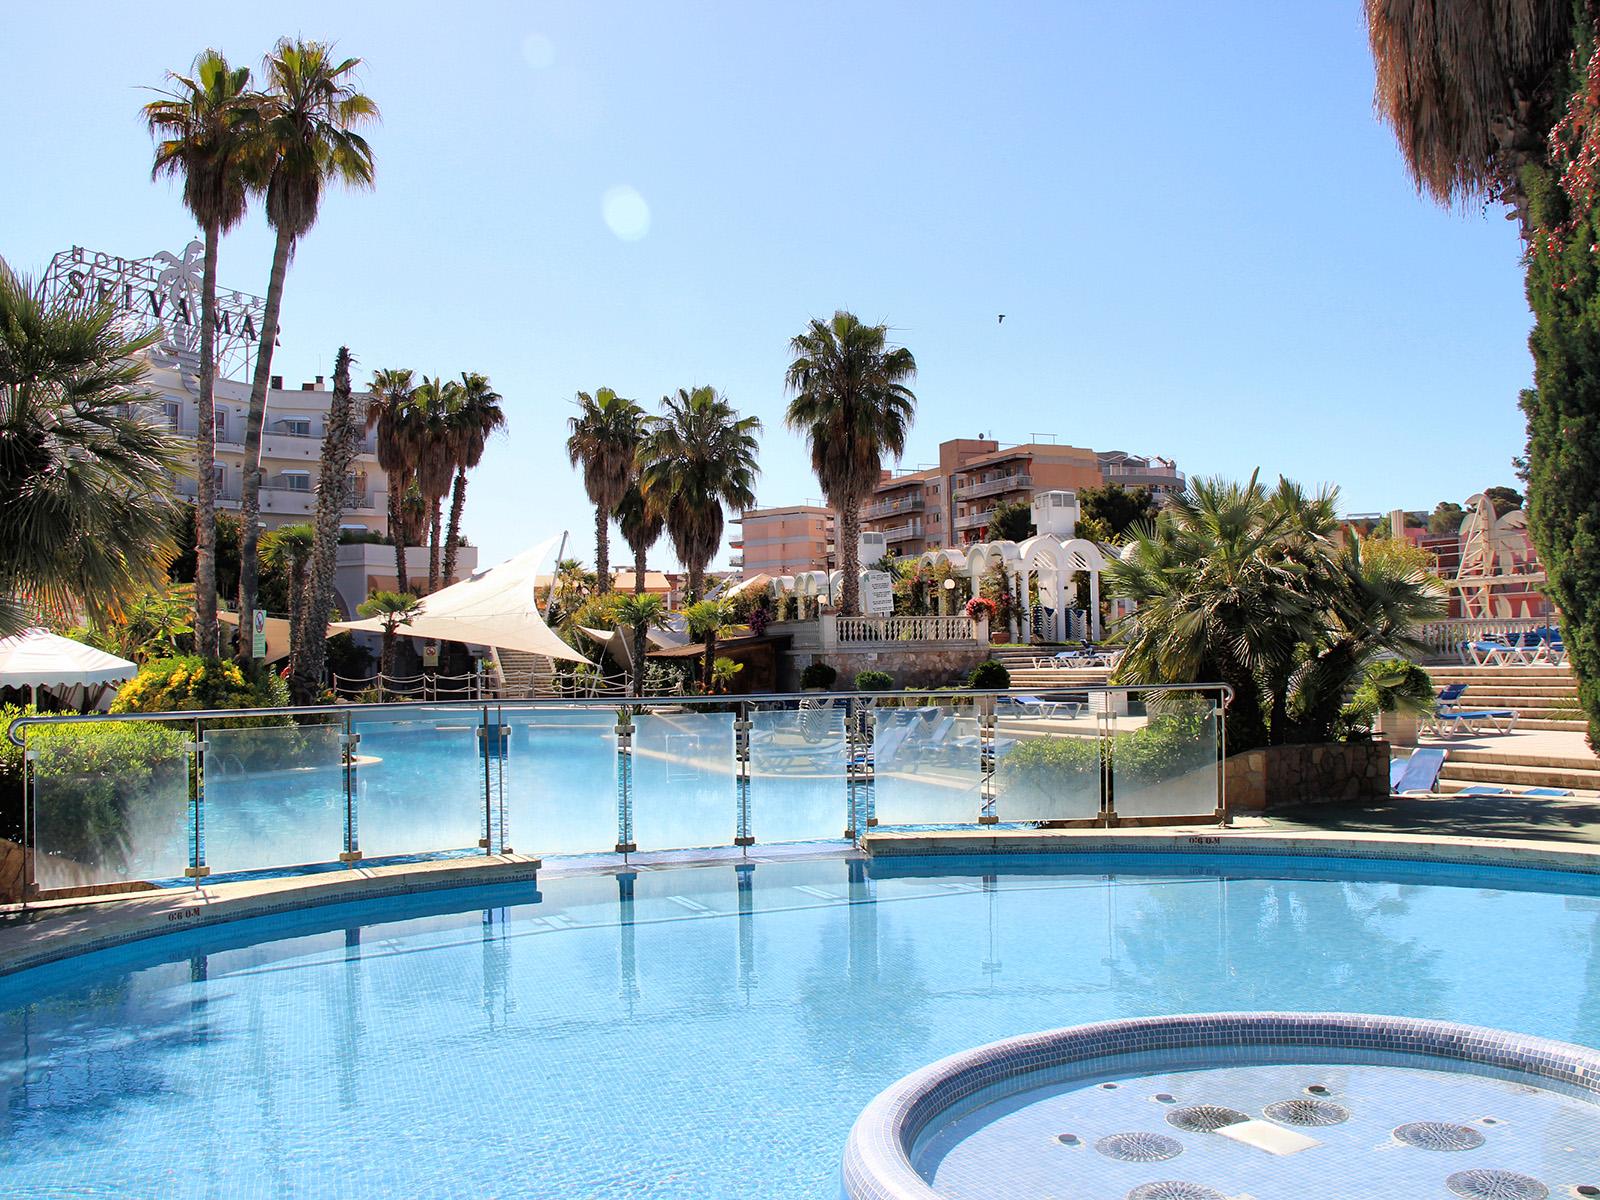 Hacer una piscina stunning piscinas guadiamar empresa de for Cuanto me cuesta hacer una piscina